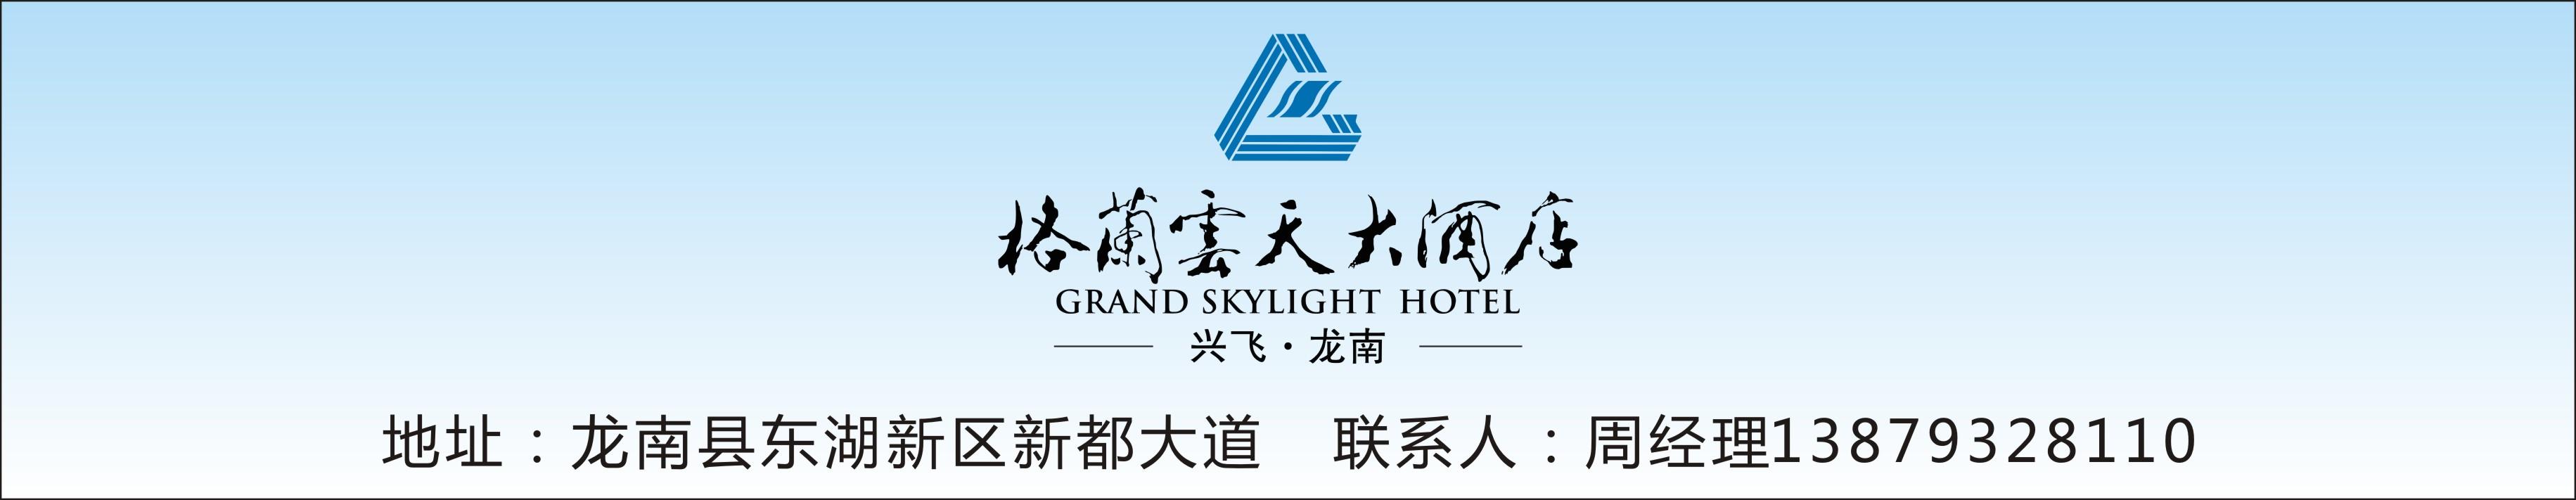 龙南兴飞格兰云天大酒店